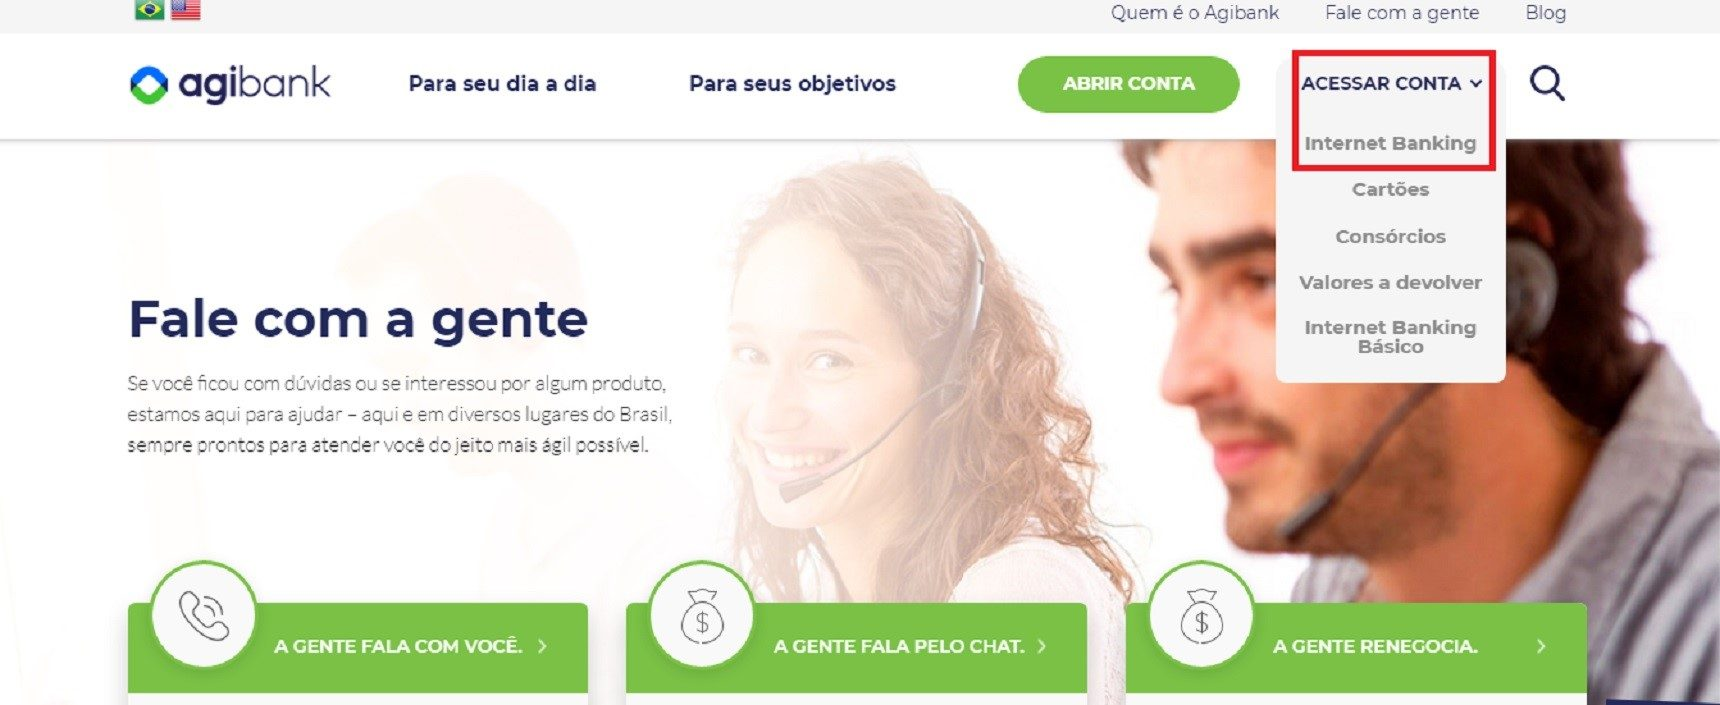 Como Consultar Meu Saldo No Agibank Internet Banking?